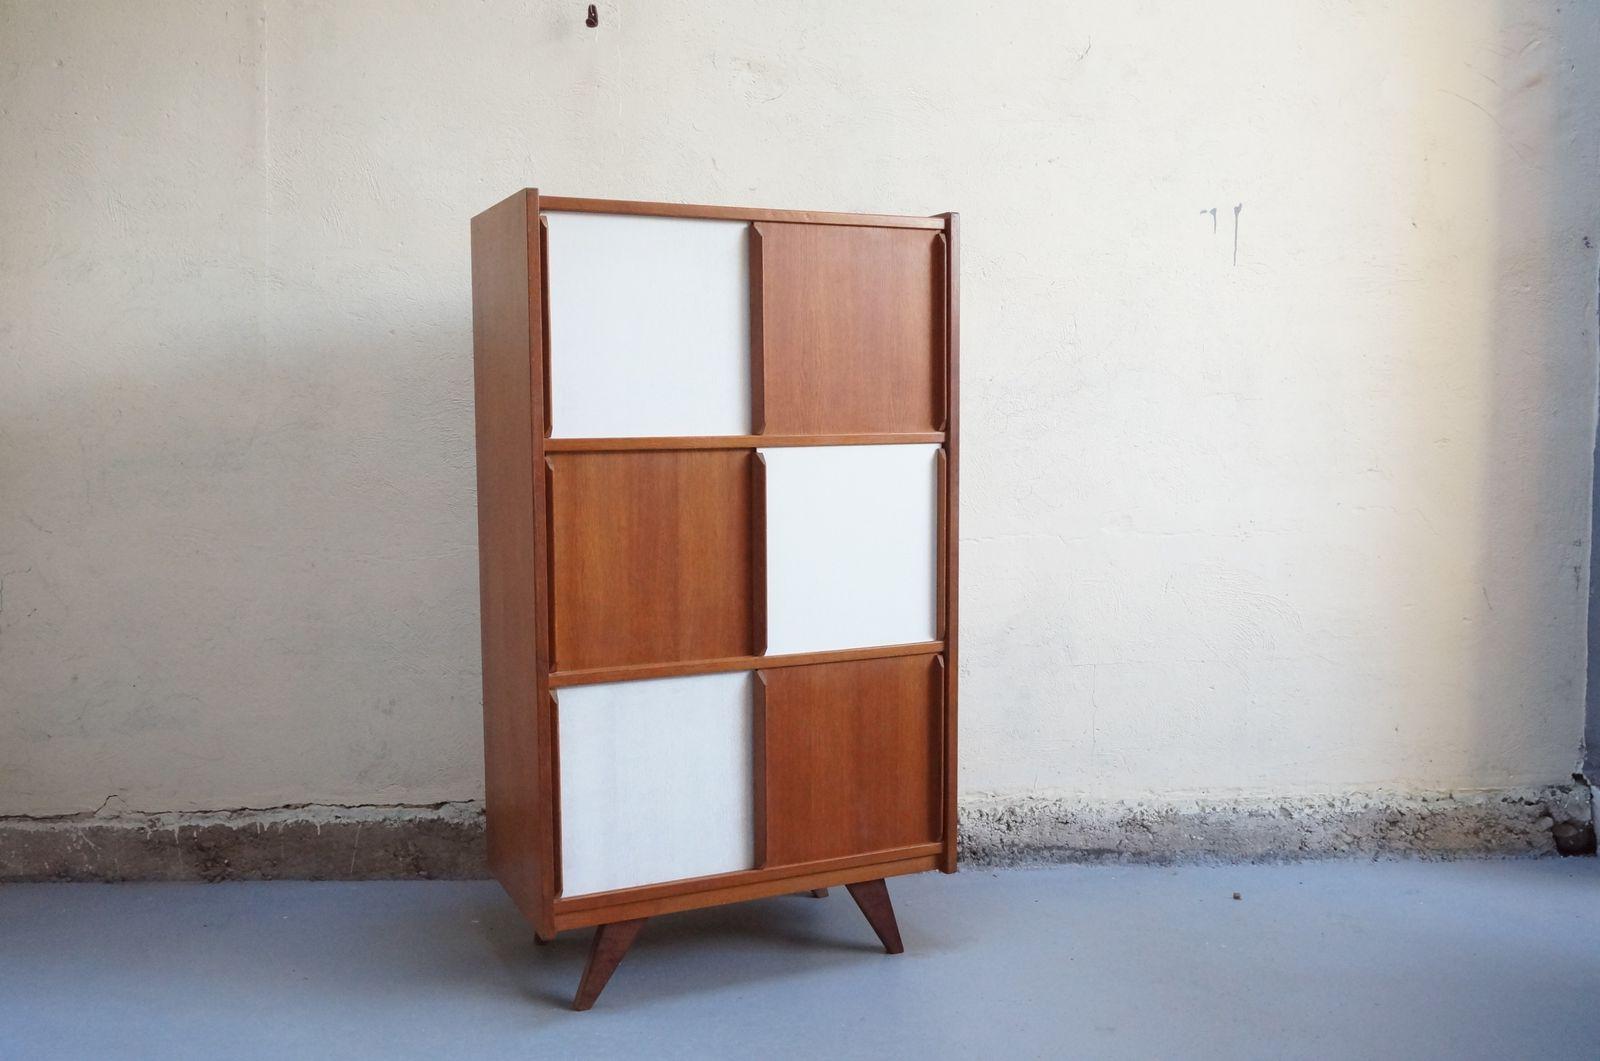 Vendu meuble vintage design portes coulissantes bois esprit charlotte perriand jean prouv - Meuble charlotte perriand ...